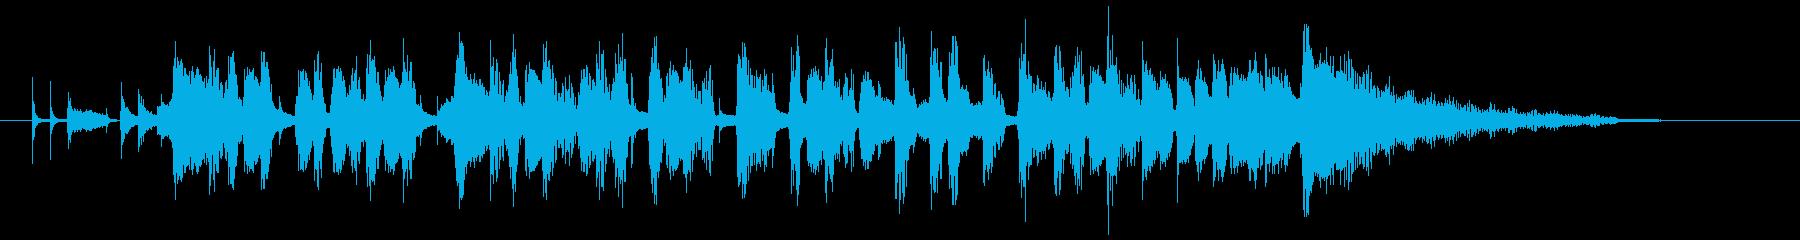 おしゃれでしっとりしたエレピのボサノバの再生済みの波形